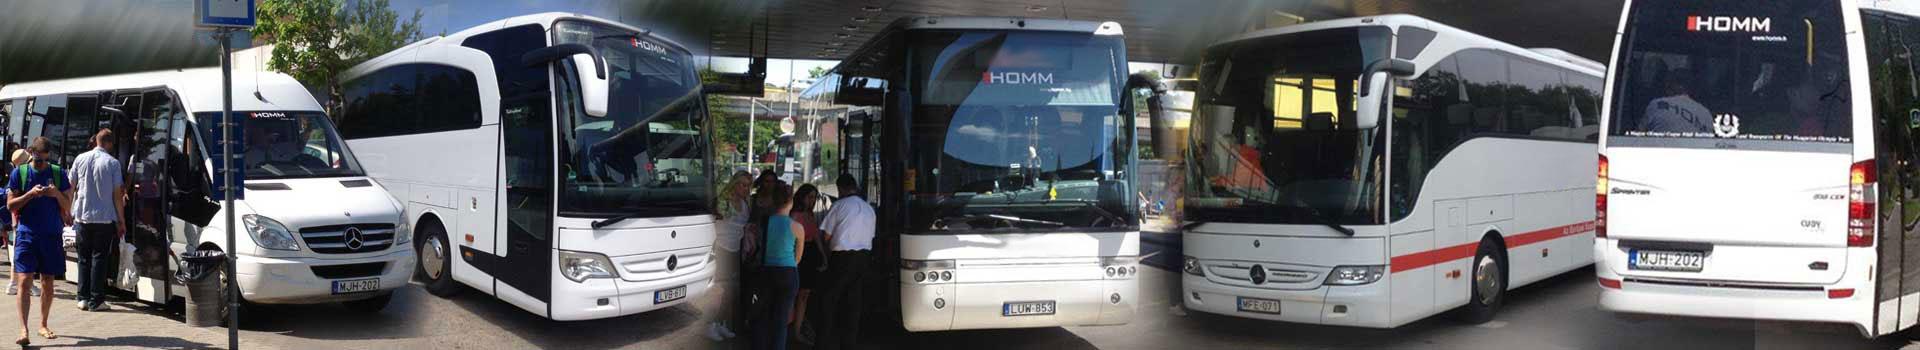 Homm – Személyszállítás